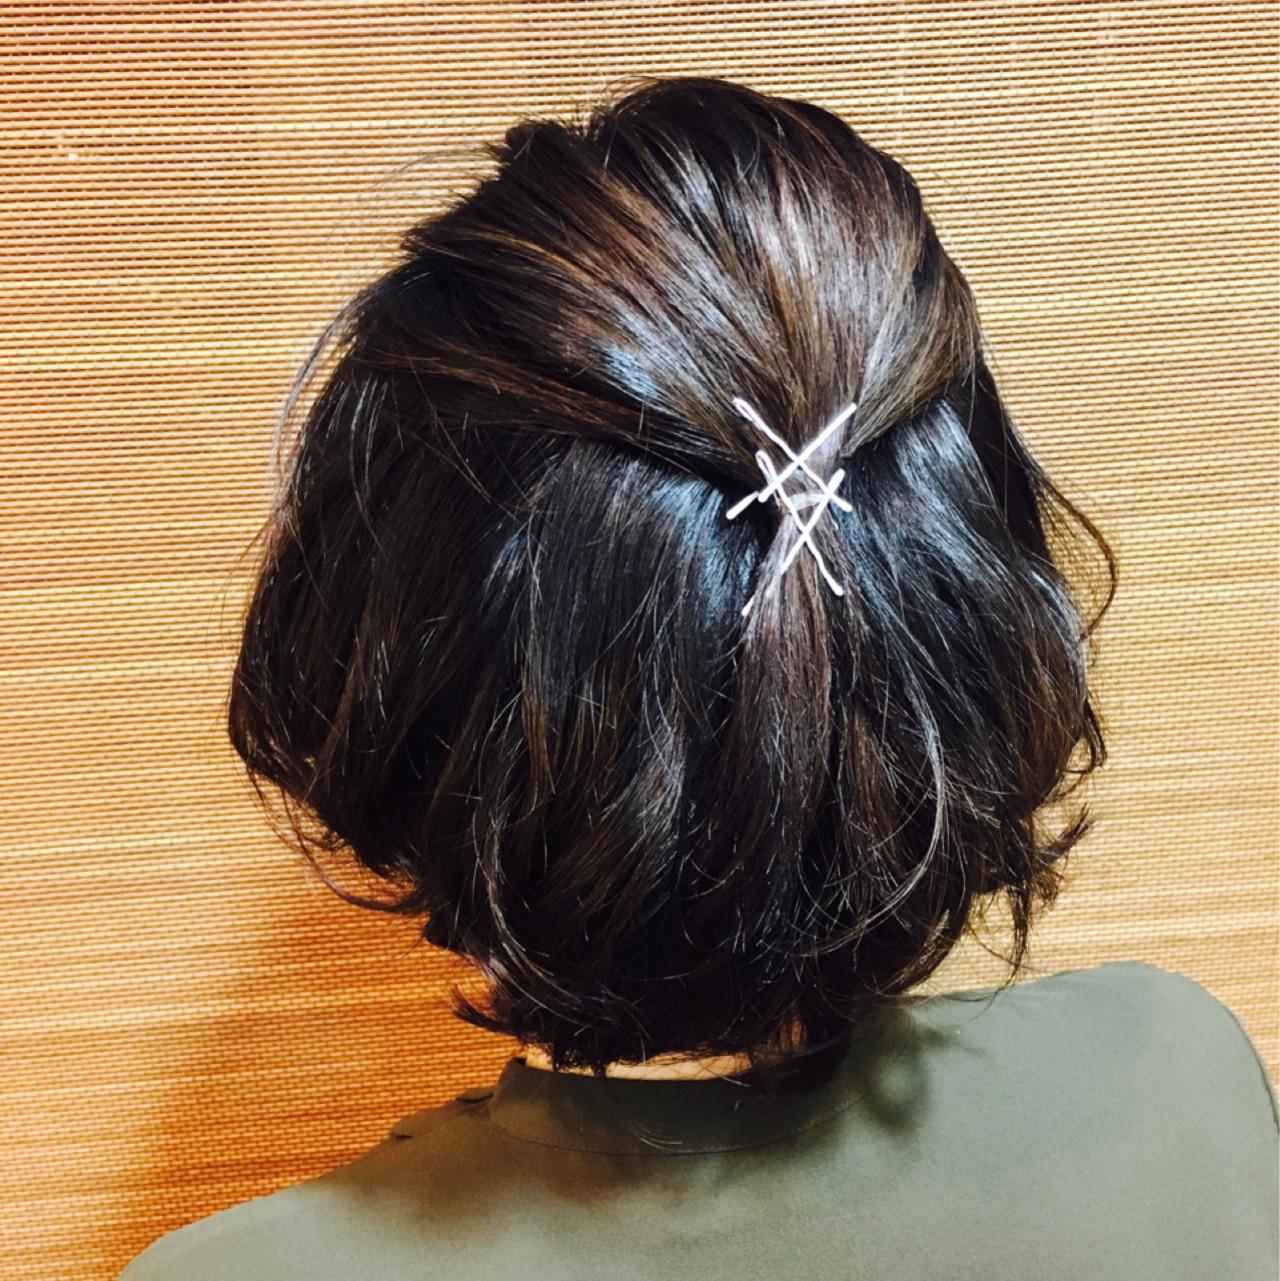 ハーフアップ 暗髪 簡単ヘアアレンジ ヘアアレンジ ヘアスタイルや髪型の写真・画像